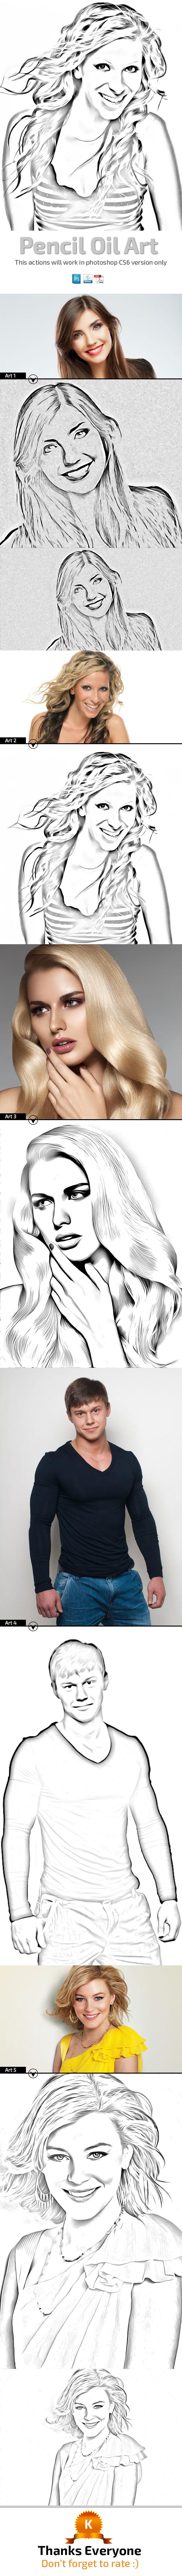 GraphicRiver Pencil Oil Art 10103611